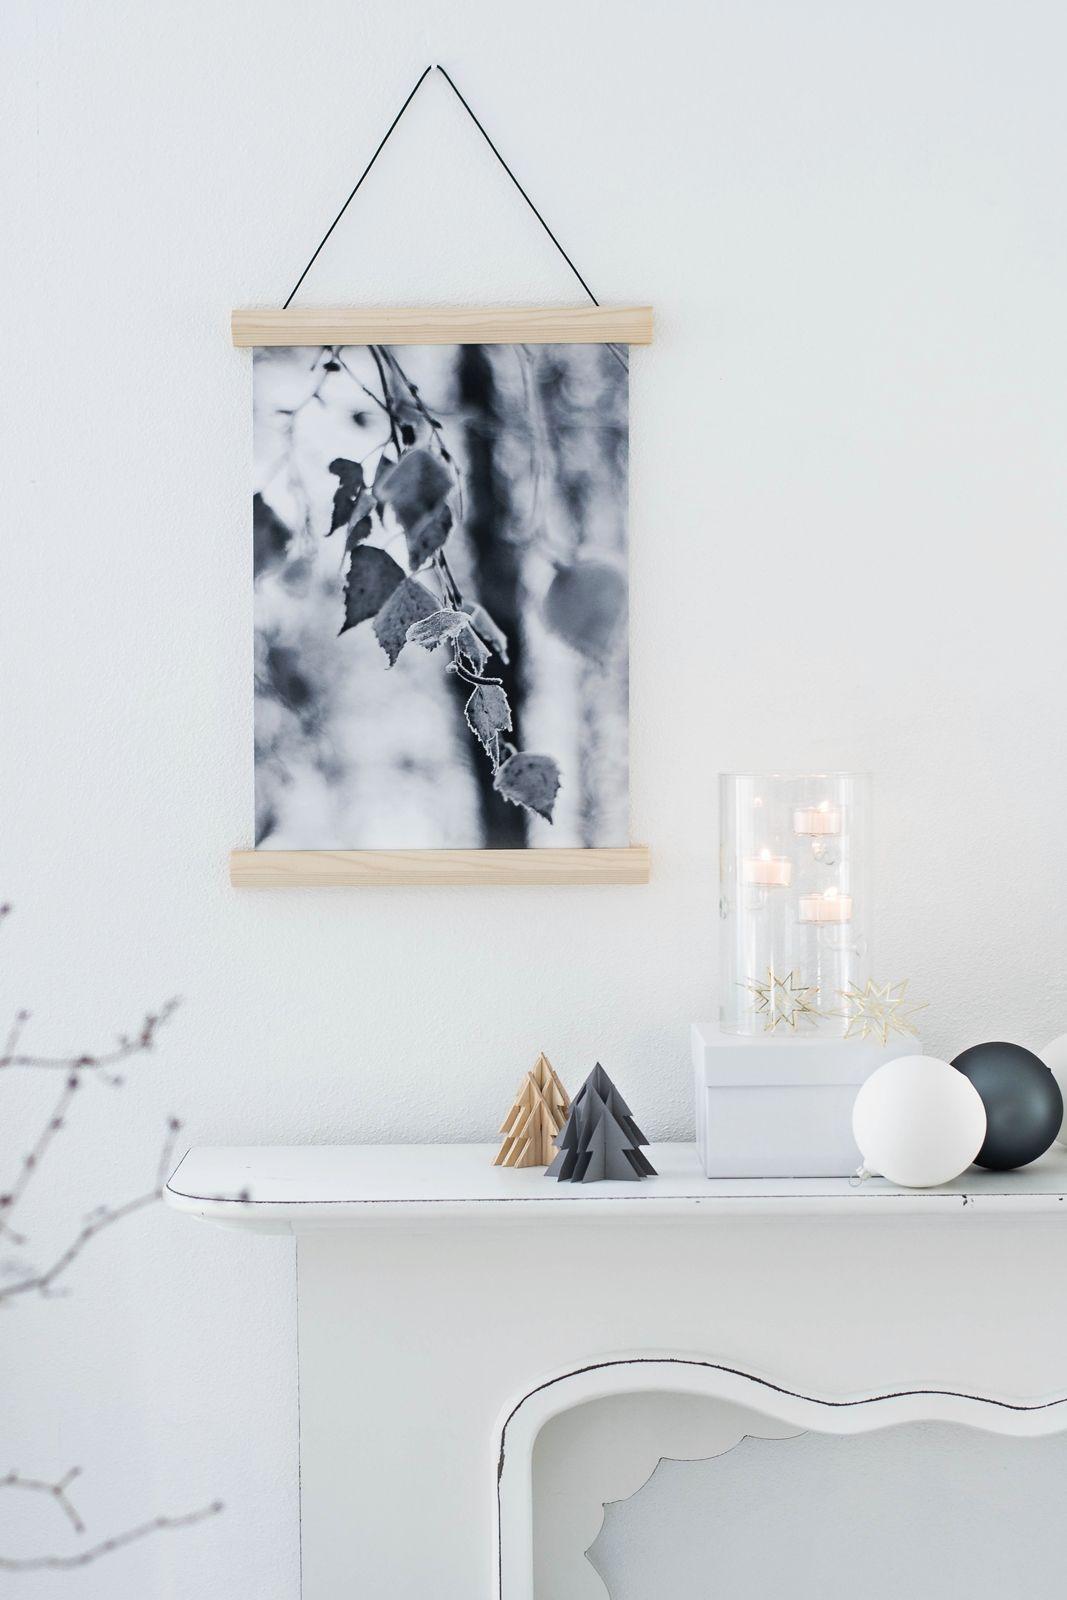 Kreativ Adventskalender Türchen 14 Diy Magnetische Bilderleiste Poster Download Ideen Zum Selbermachen Für Zu Hause Dekor Diy Beistelltisch